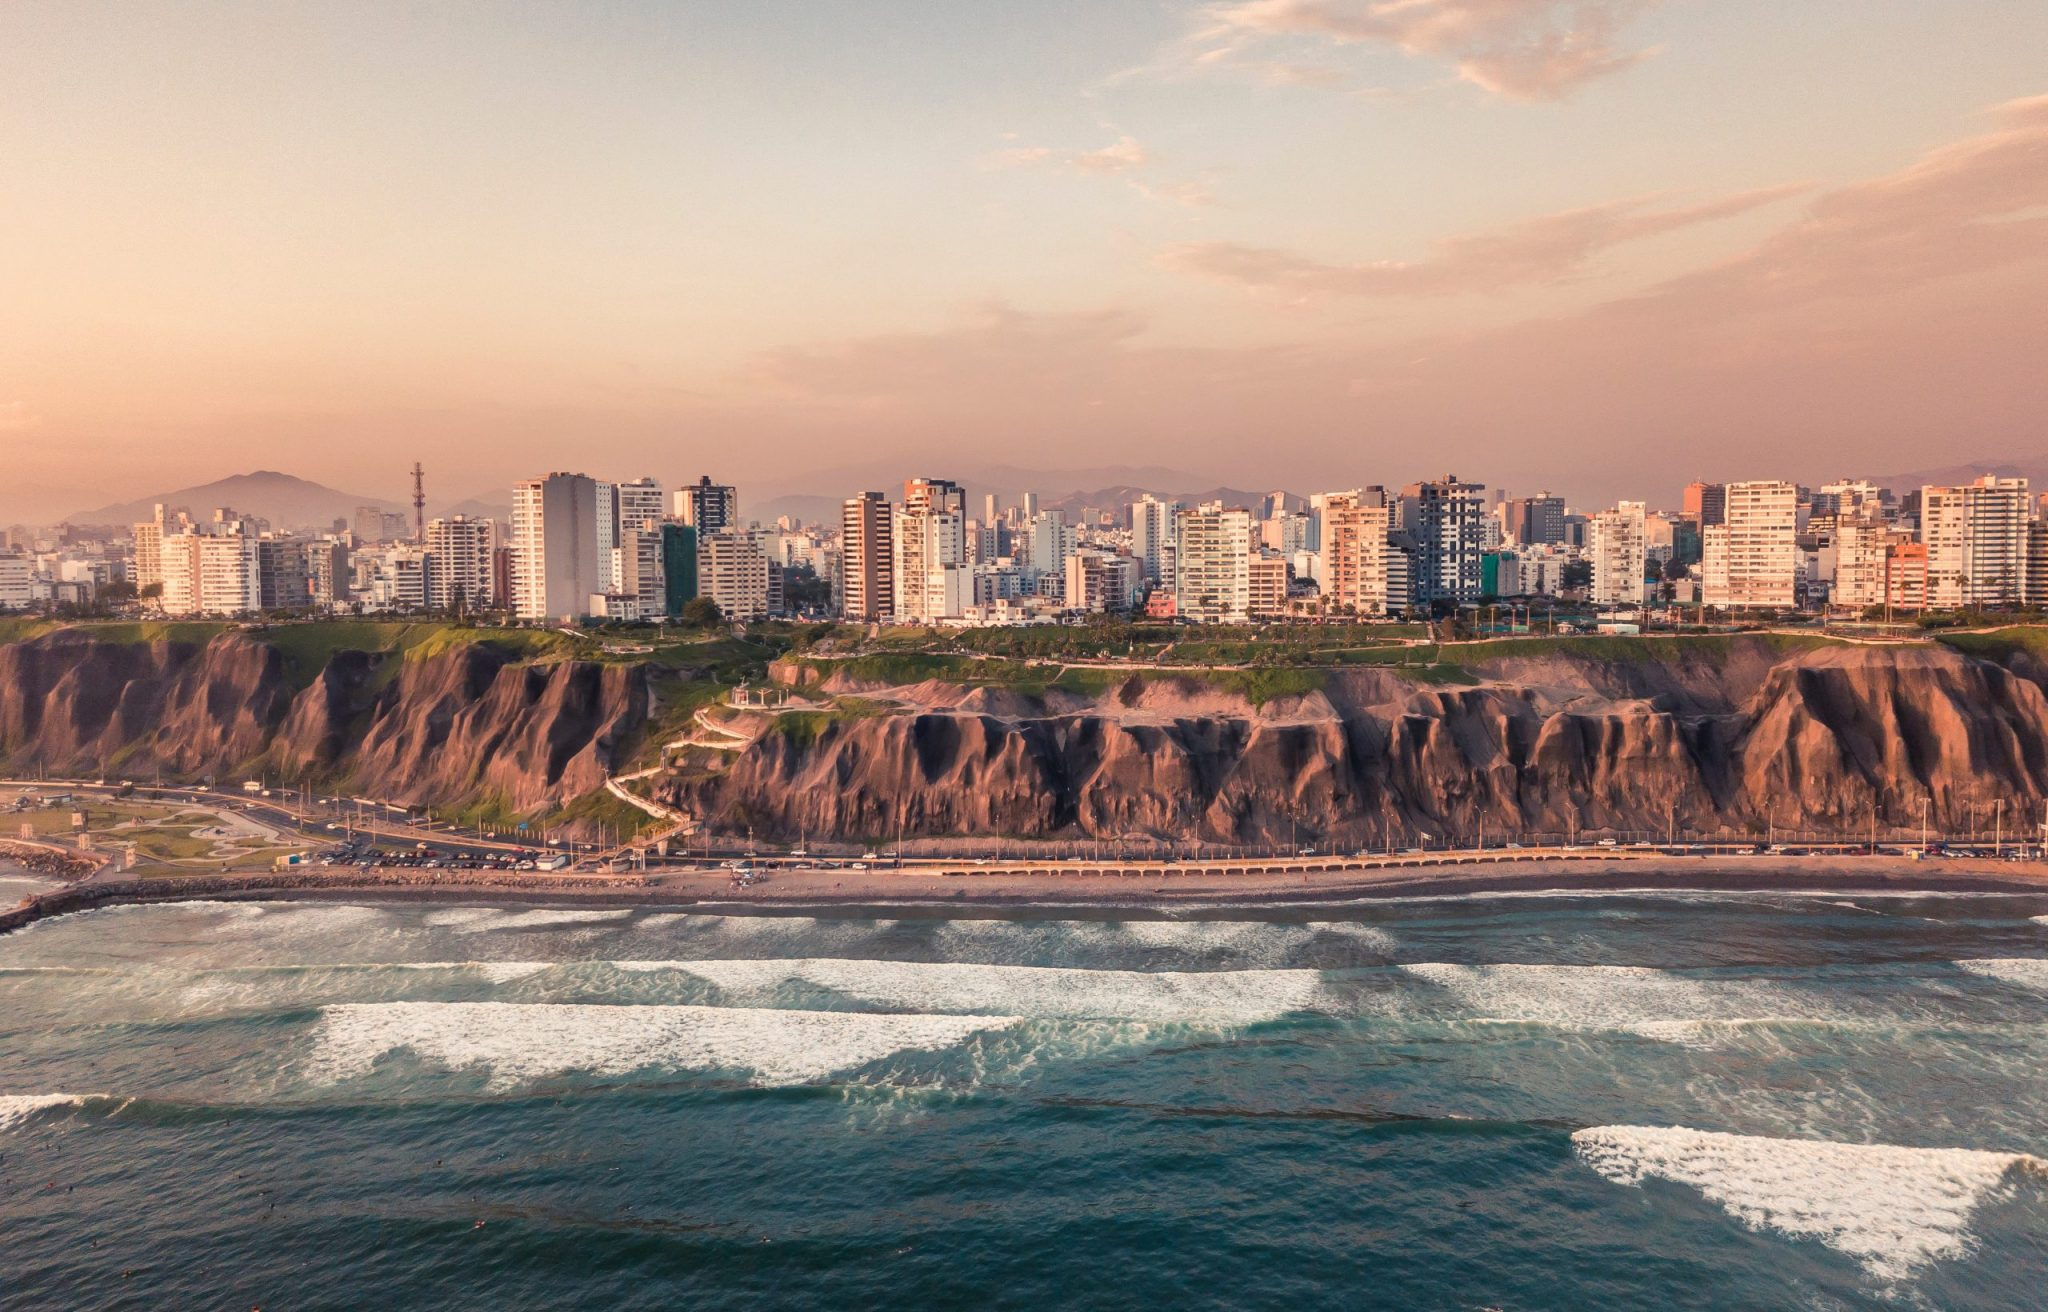 Peru at daytime